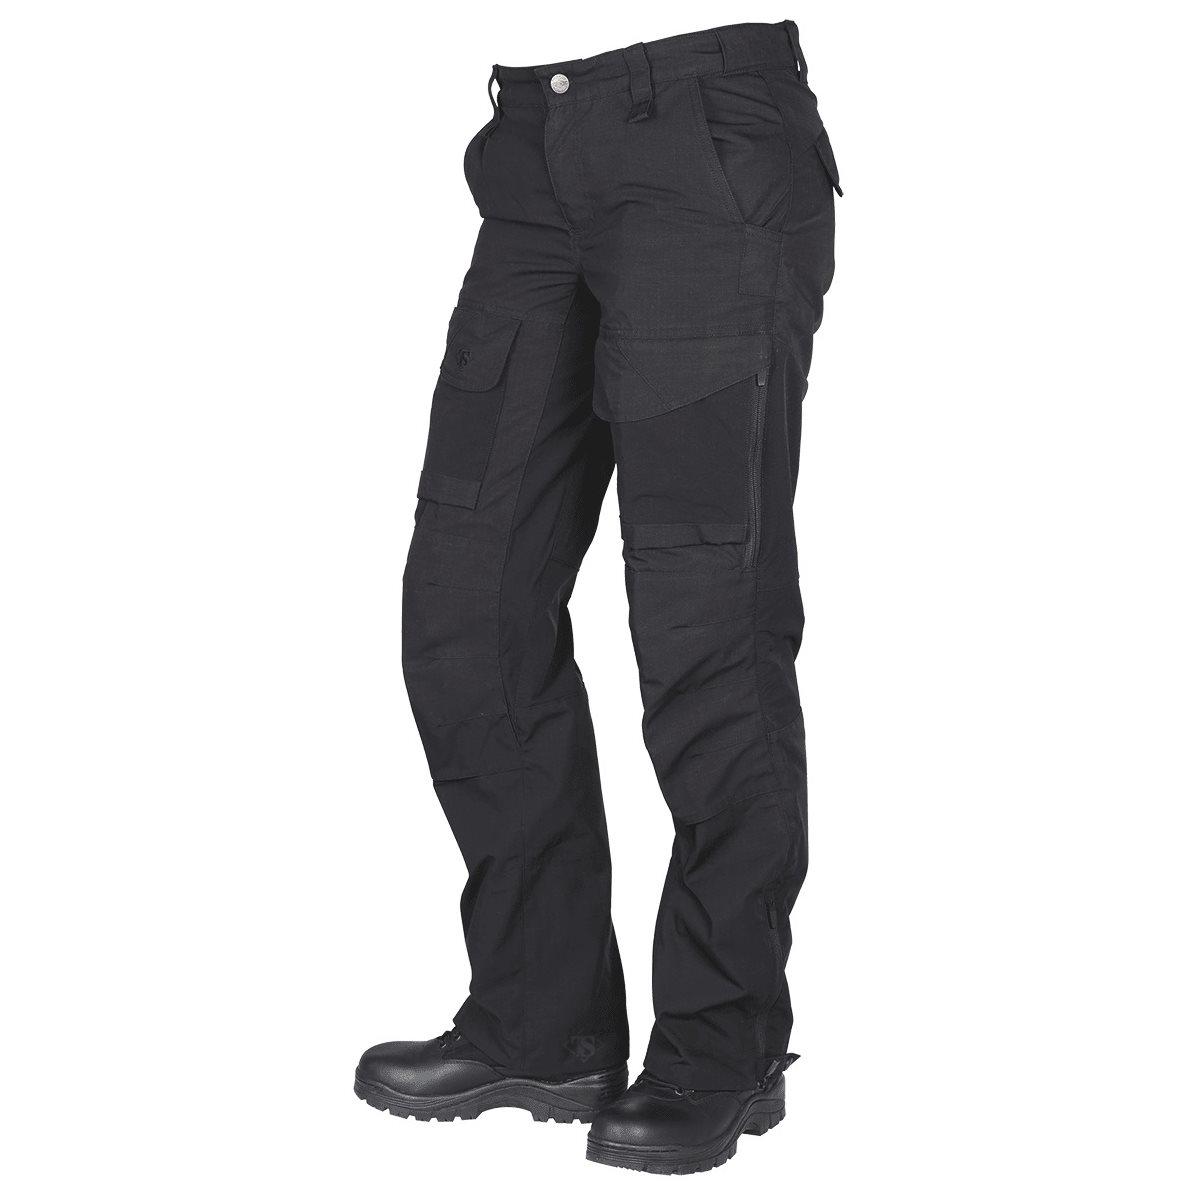 Kalhoty dámské 24-7 SERIES® XPEDITION rip-stop ÈERNÉ - zvìtšit obrázek